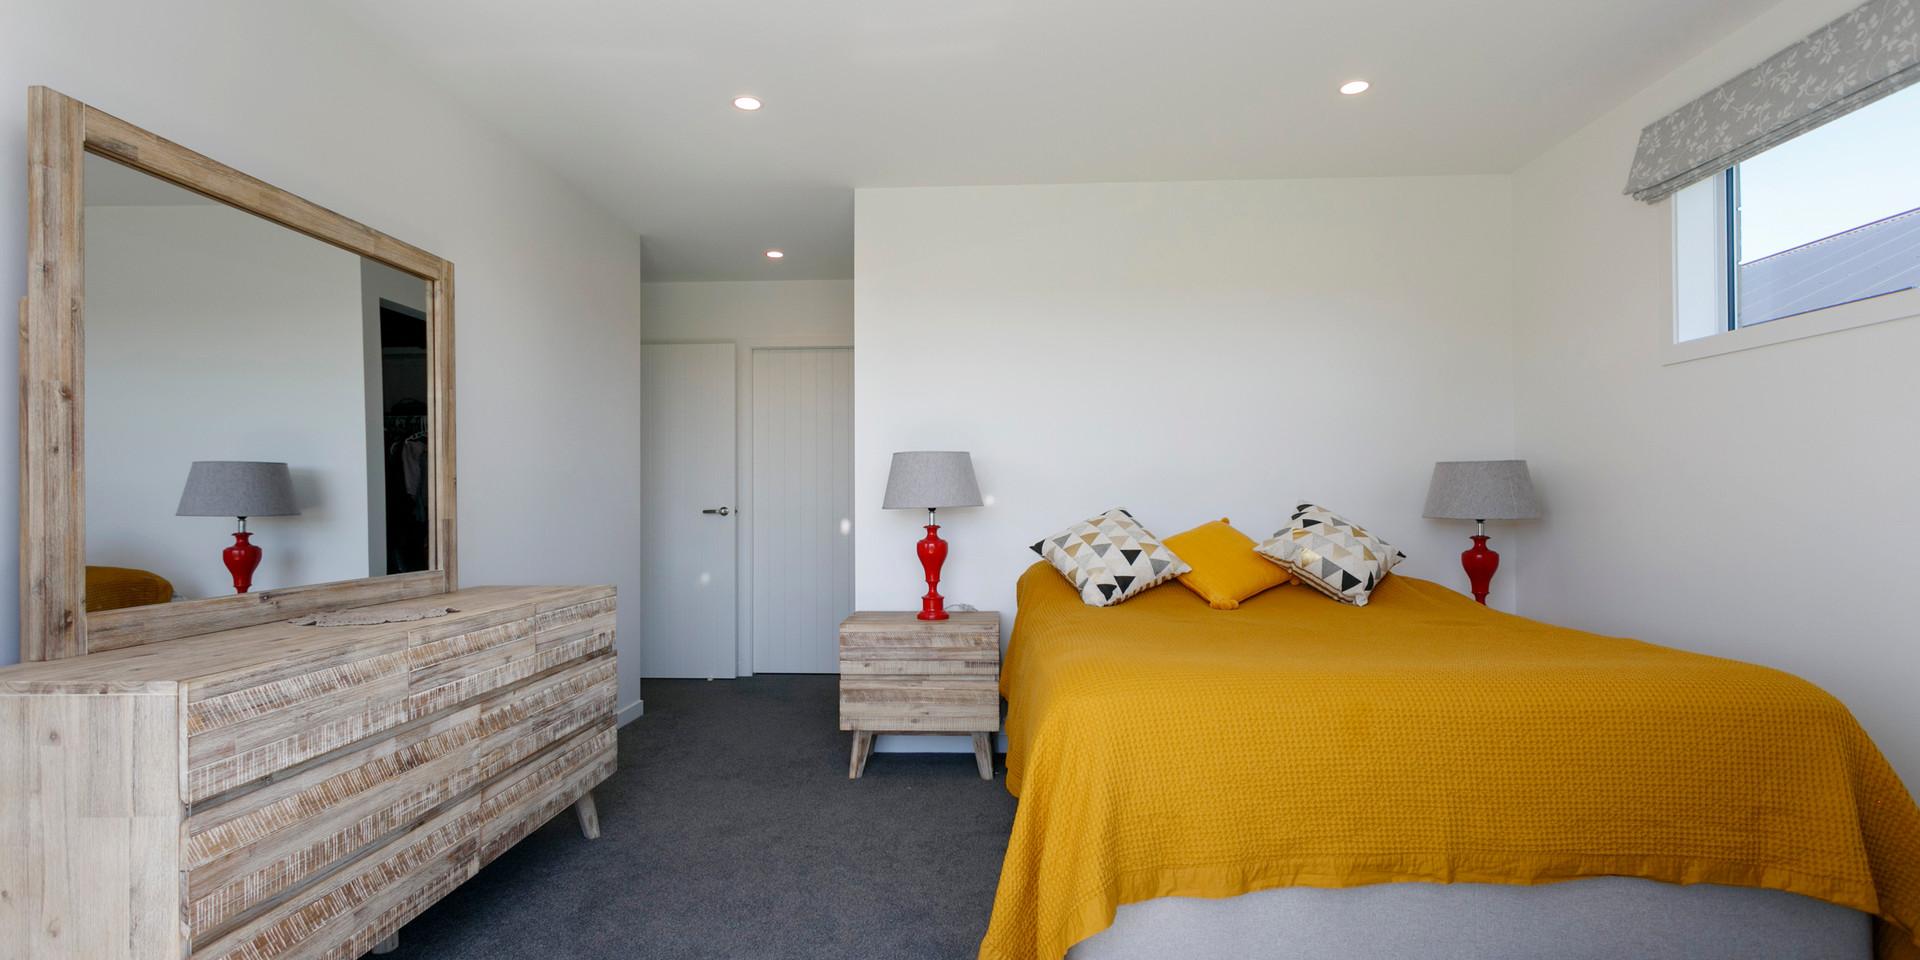 Granny Flat Bedroom and Wardrobe